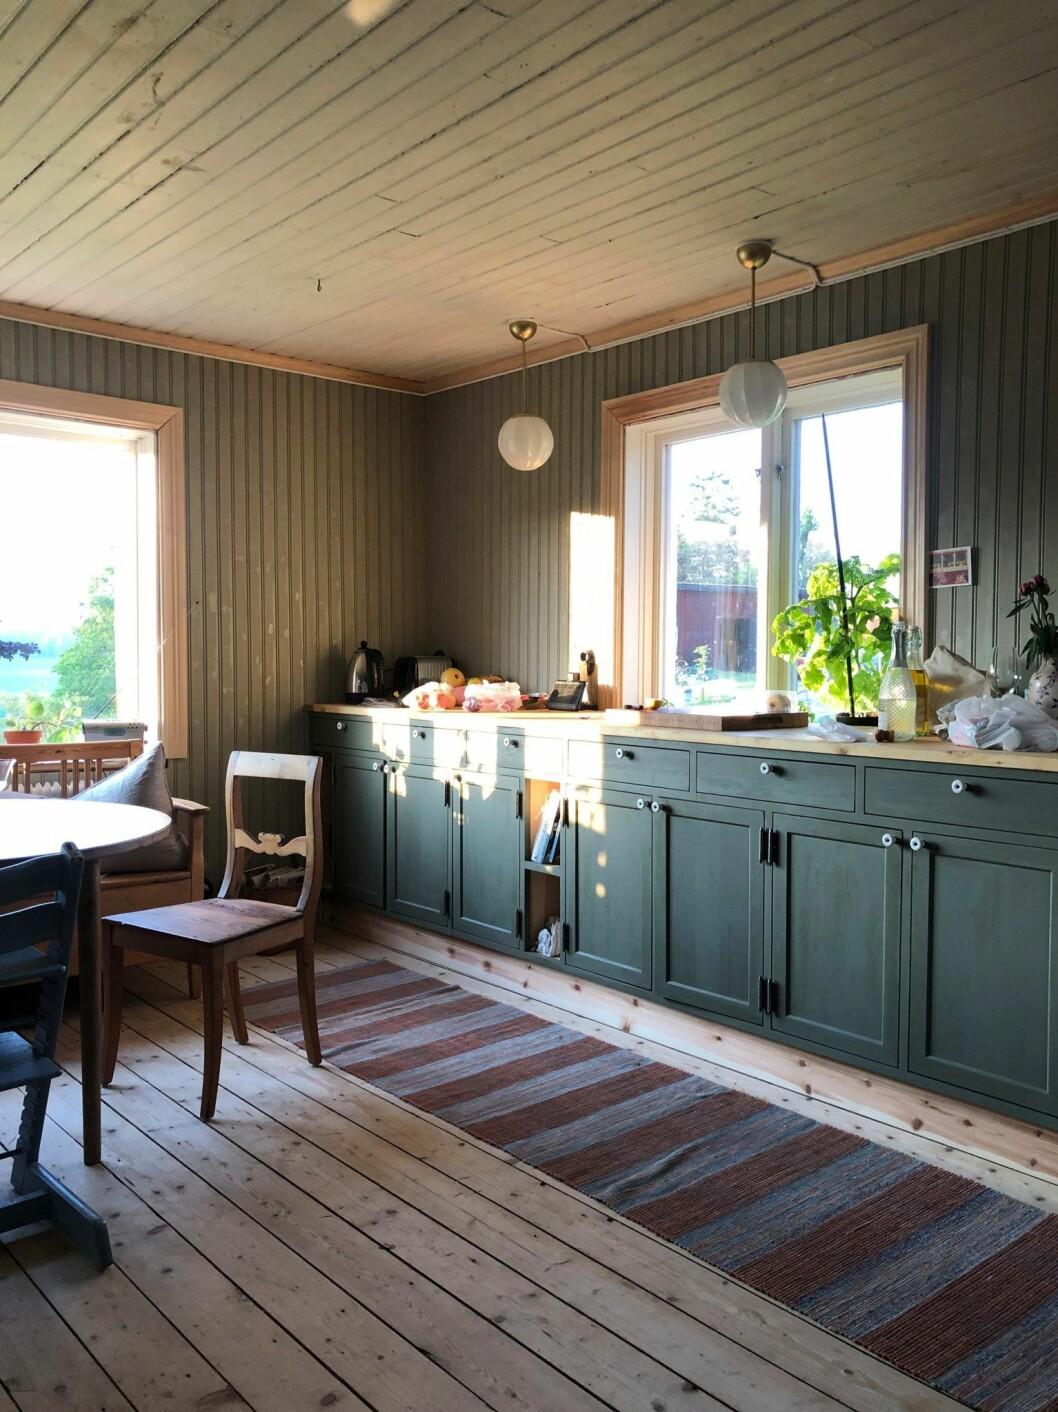 Kök hos Brita Zackari och Kalle Zackari Wahlström